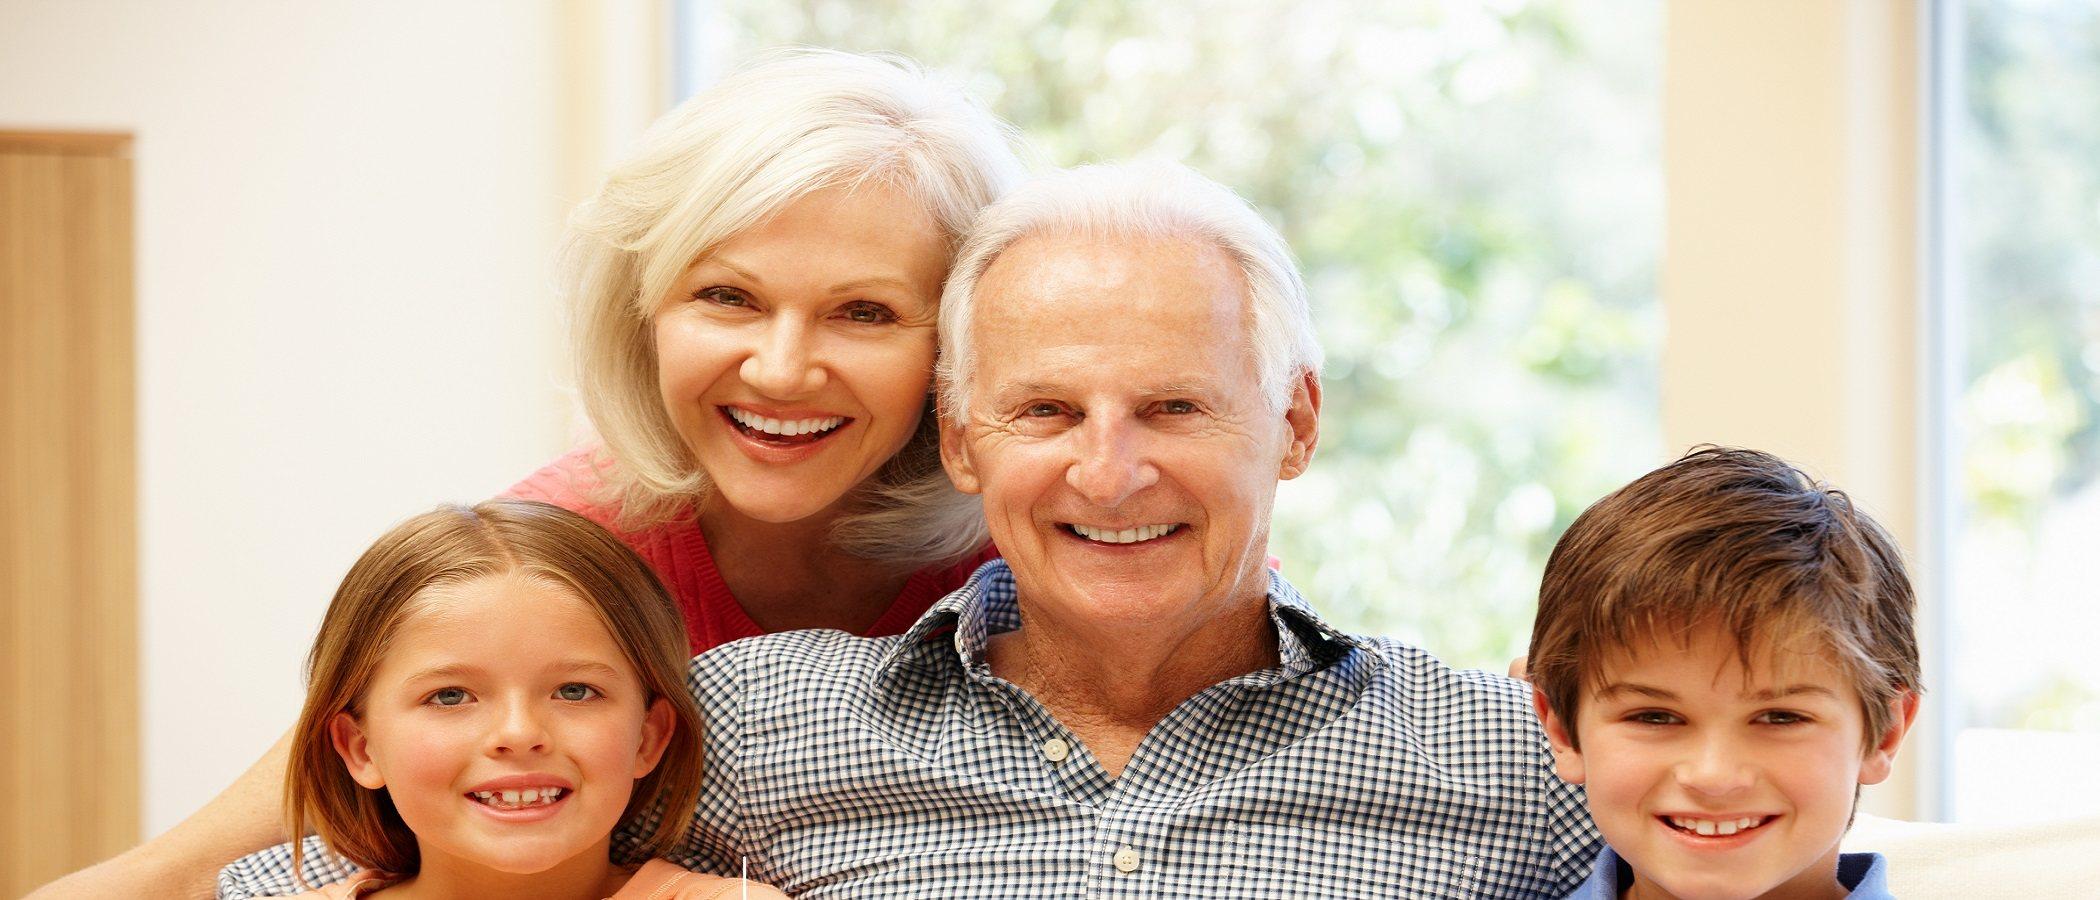 Los abuelos son grandes maestros de sus nietos